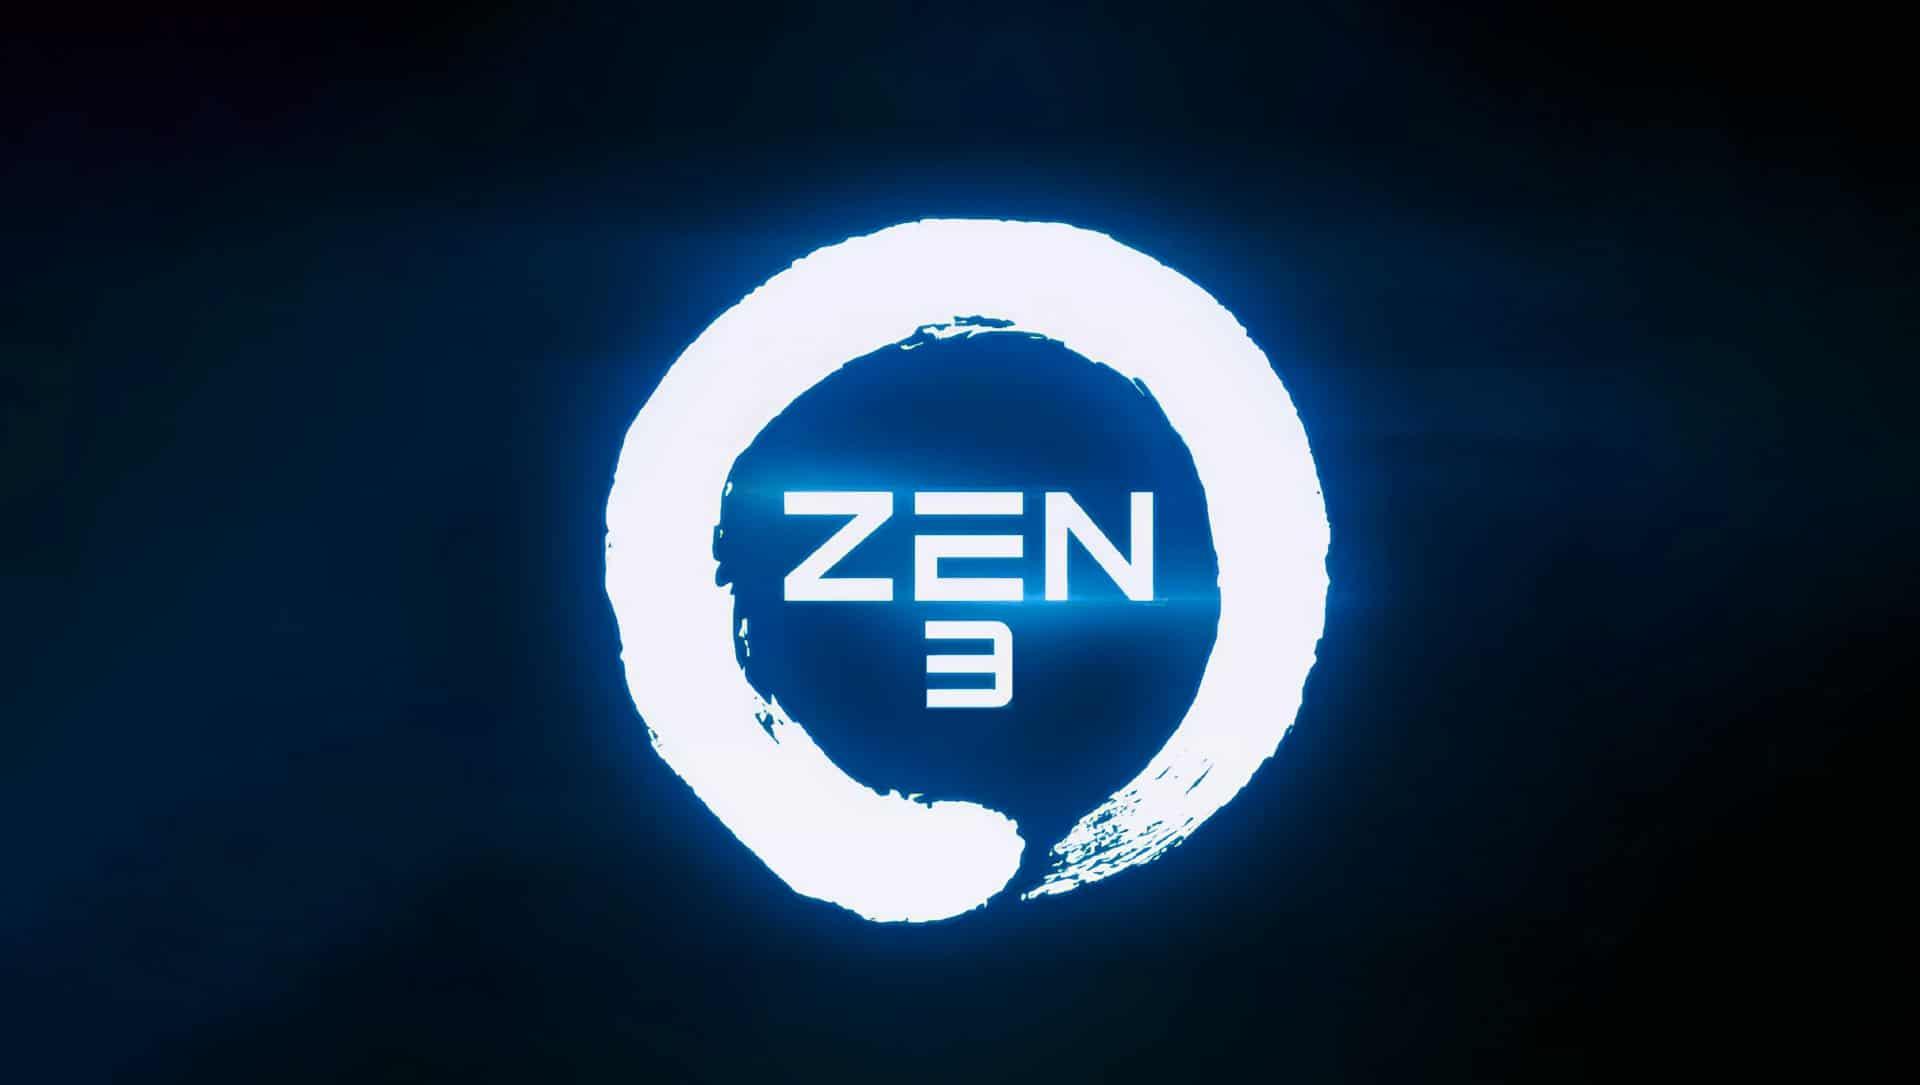 AMD Zen 3 Architecture